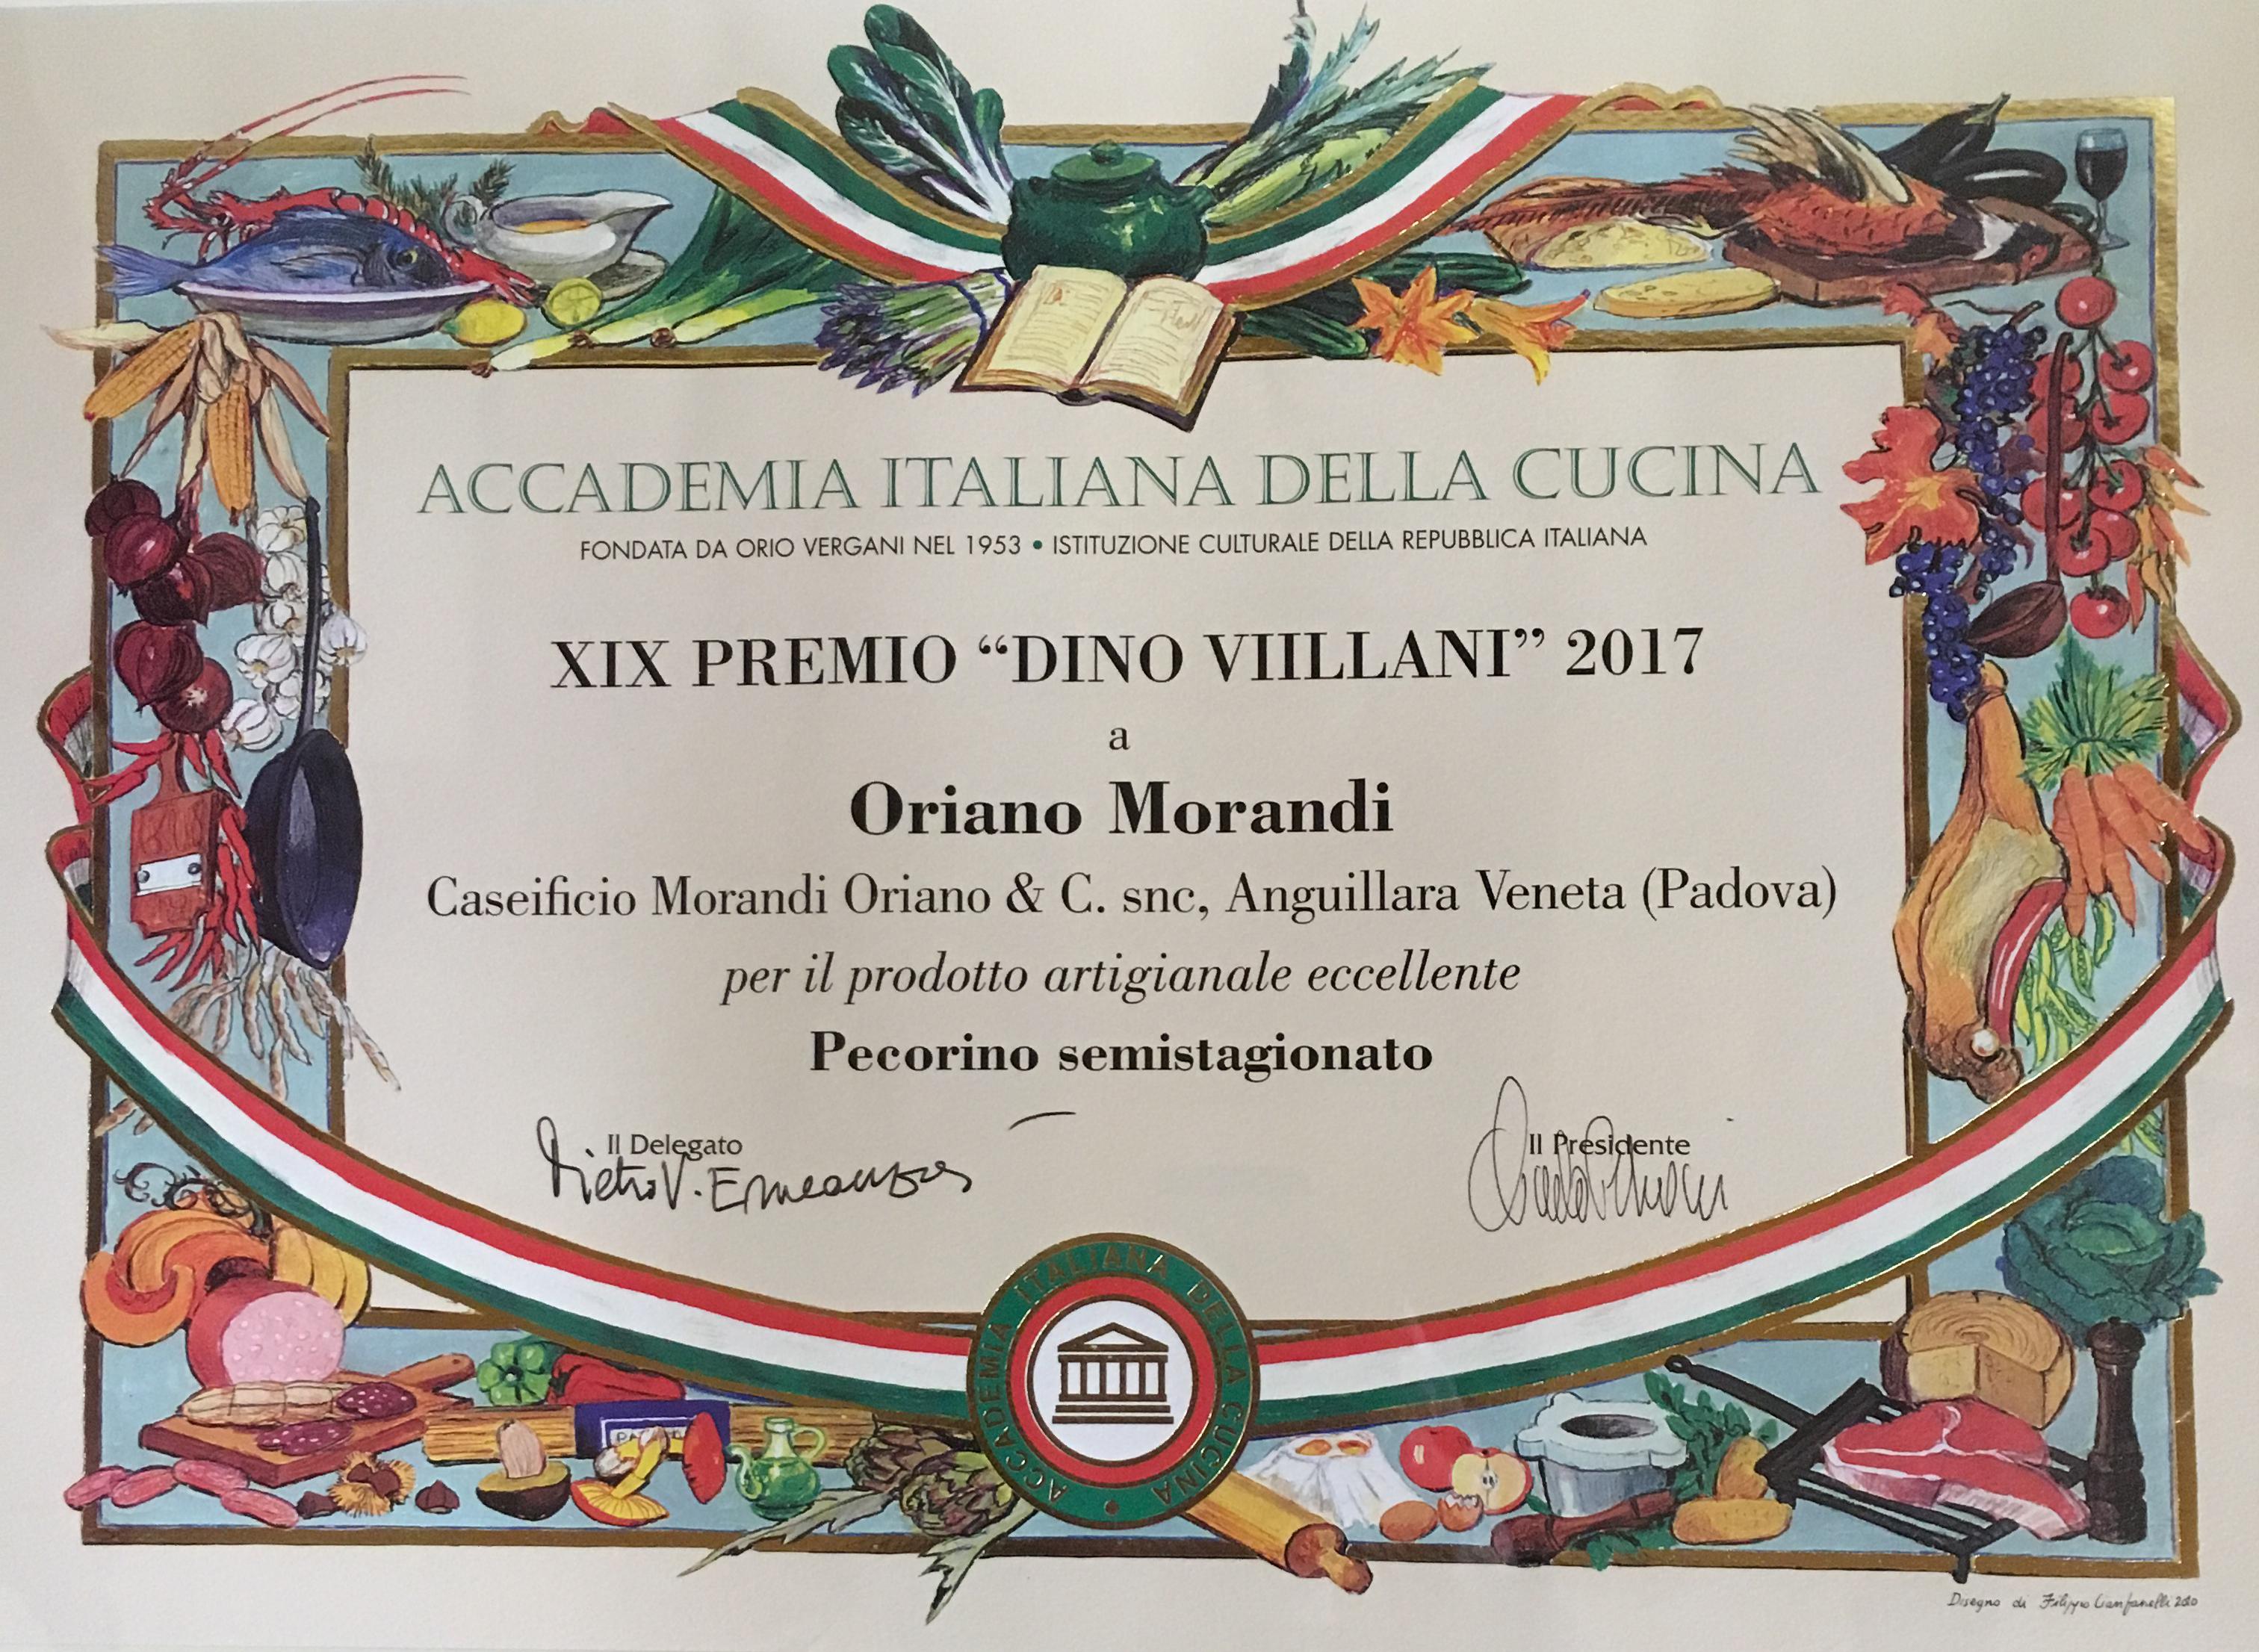 The love of a family is life's greatest blessing. • #caseificiomorandi #storiedicasamorandi #bambinifelici #mezzogiornoinfamiglia